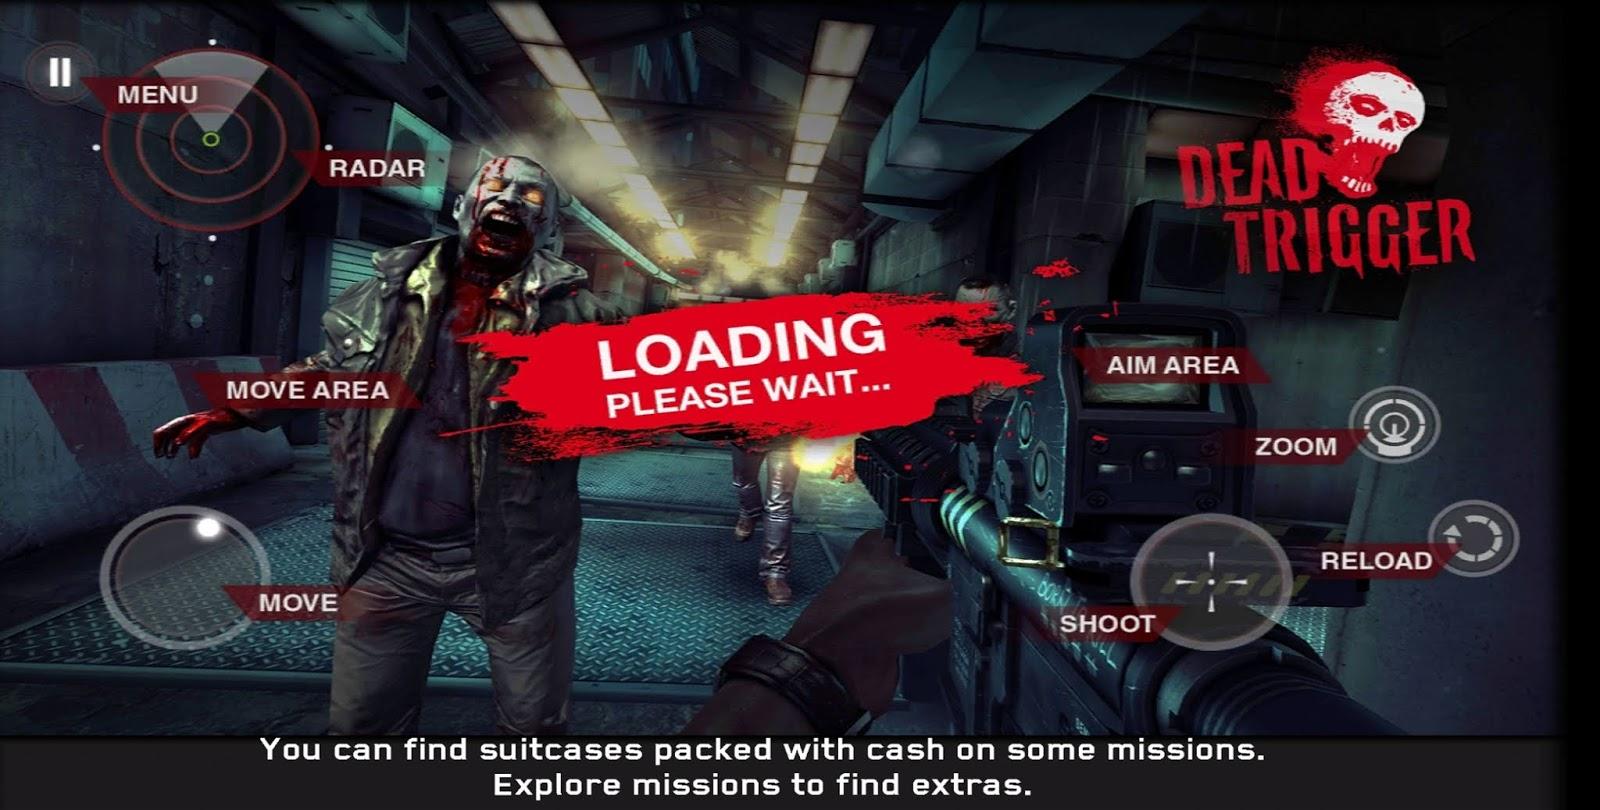 dead trigger 1 hack mod apk download